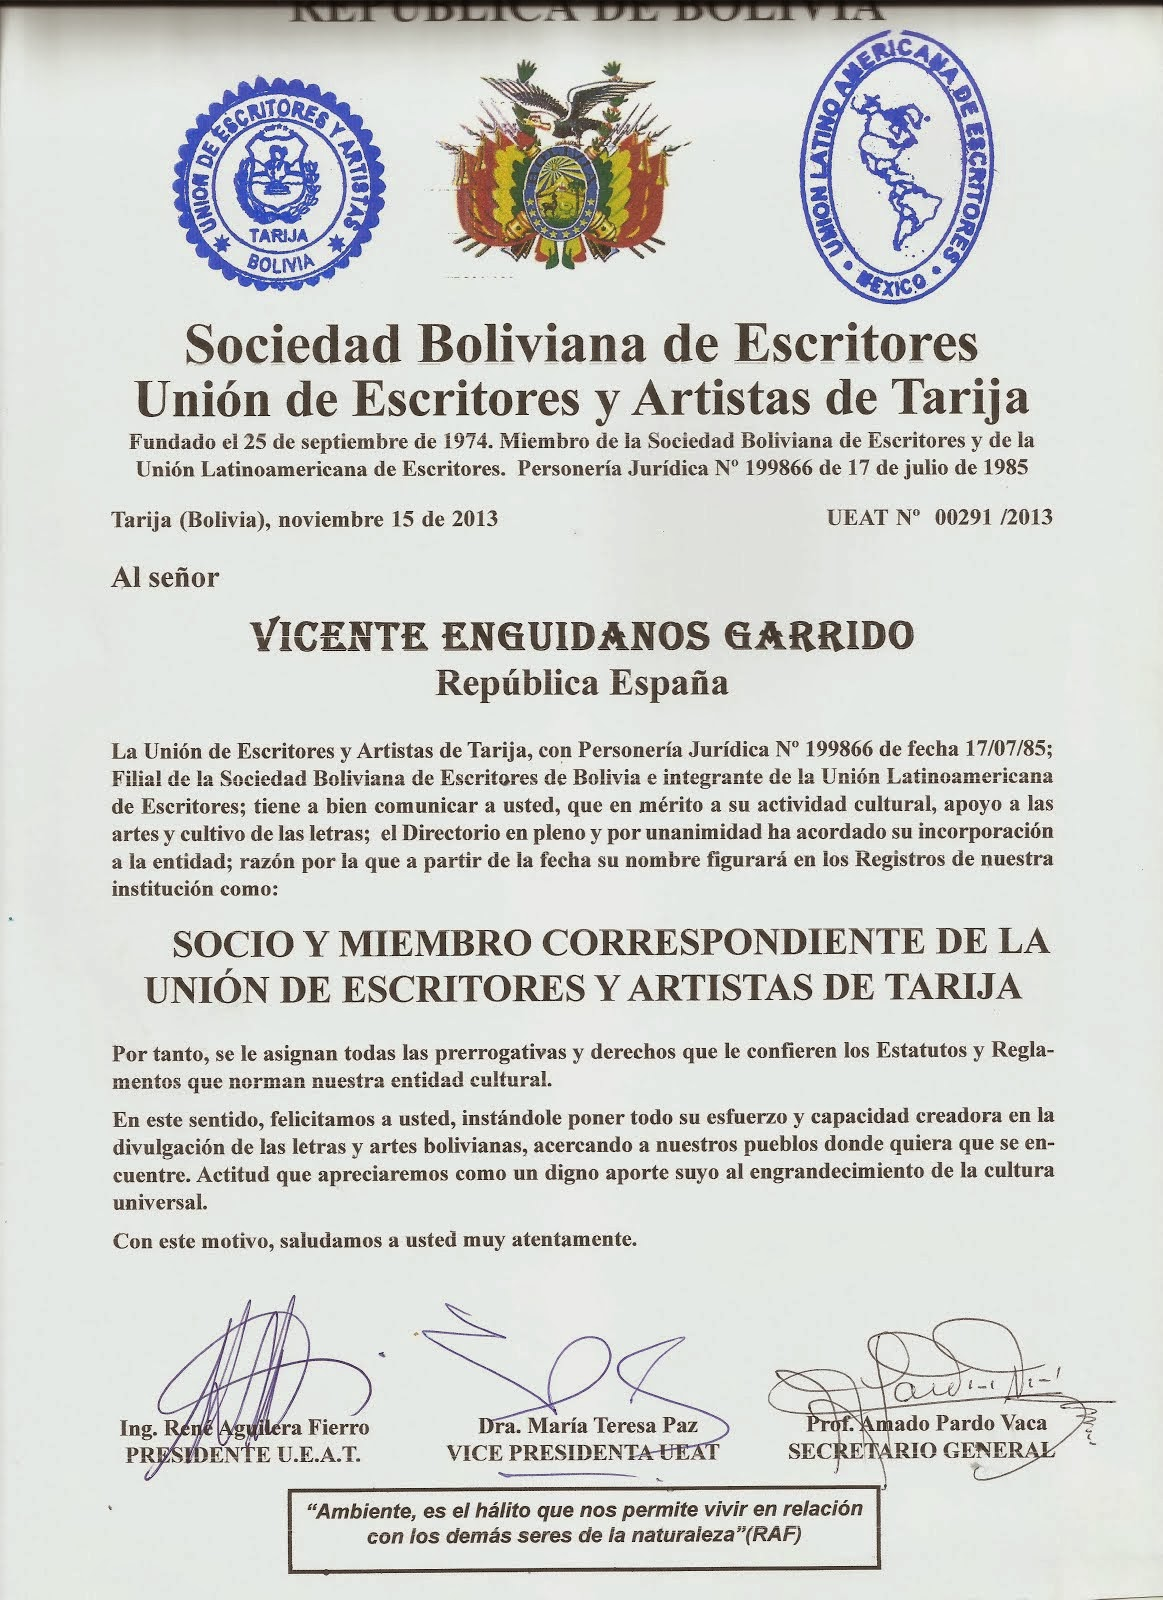 SOCIEDAD BOLIVIANA DE ESCRITORES